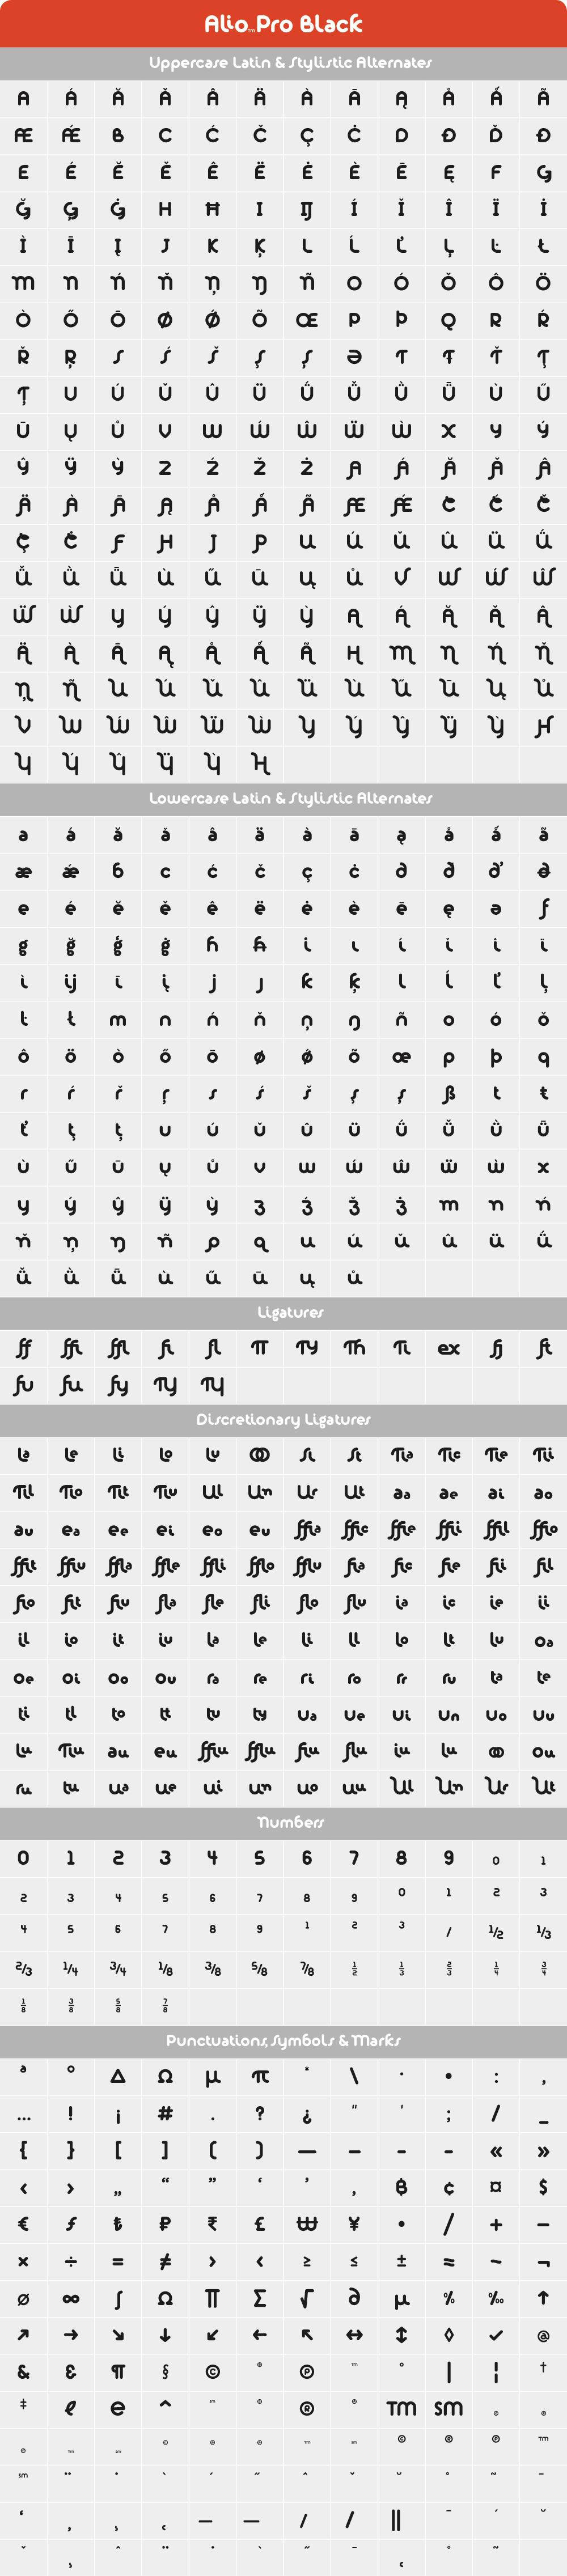 Alio Pro Black Glyph Set